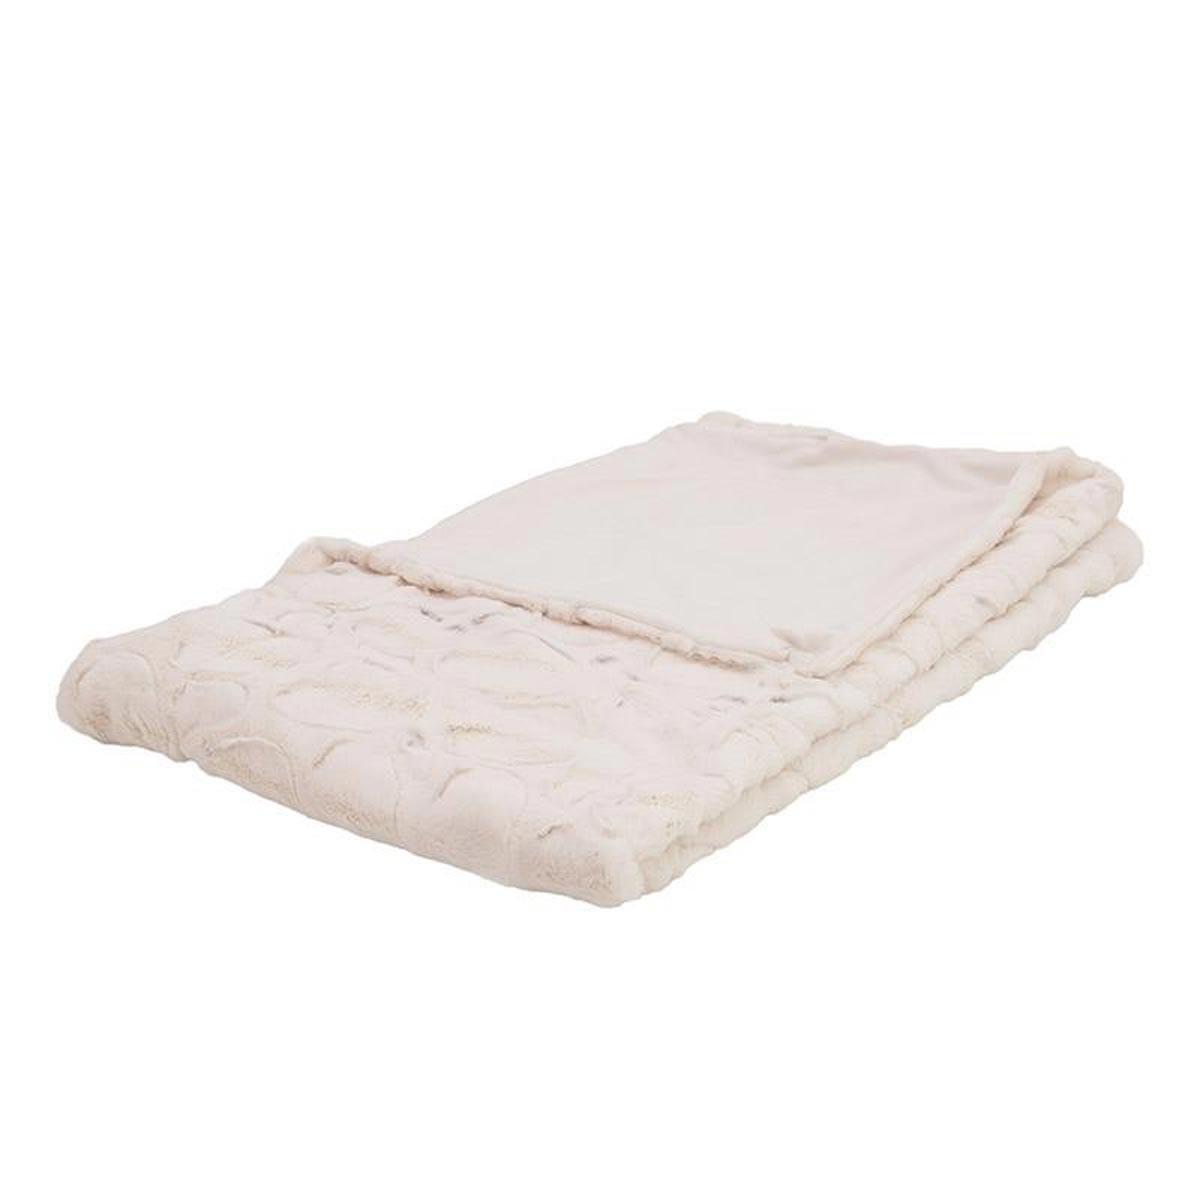 Διακοσμητικό Ριχτάρι (150x180) InArt 3-40-575-0365